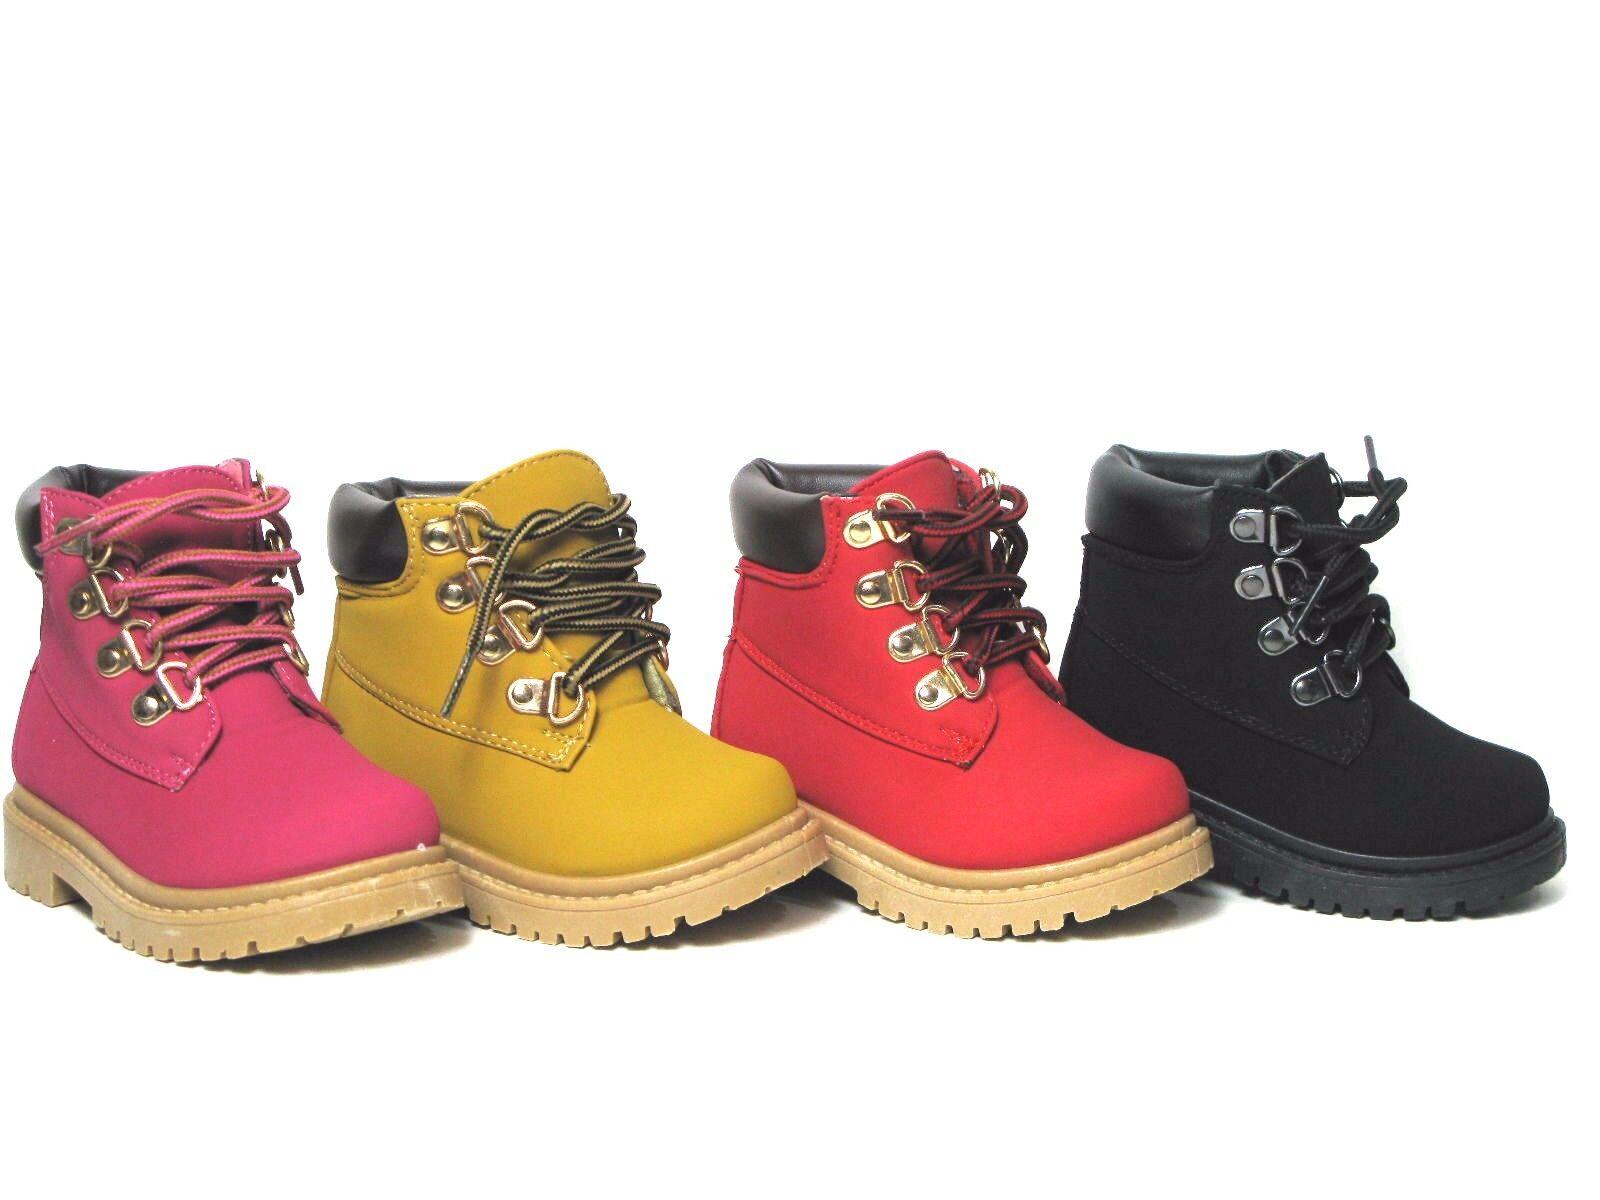 Toddler Work Boots | eBay